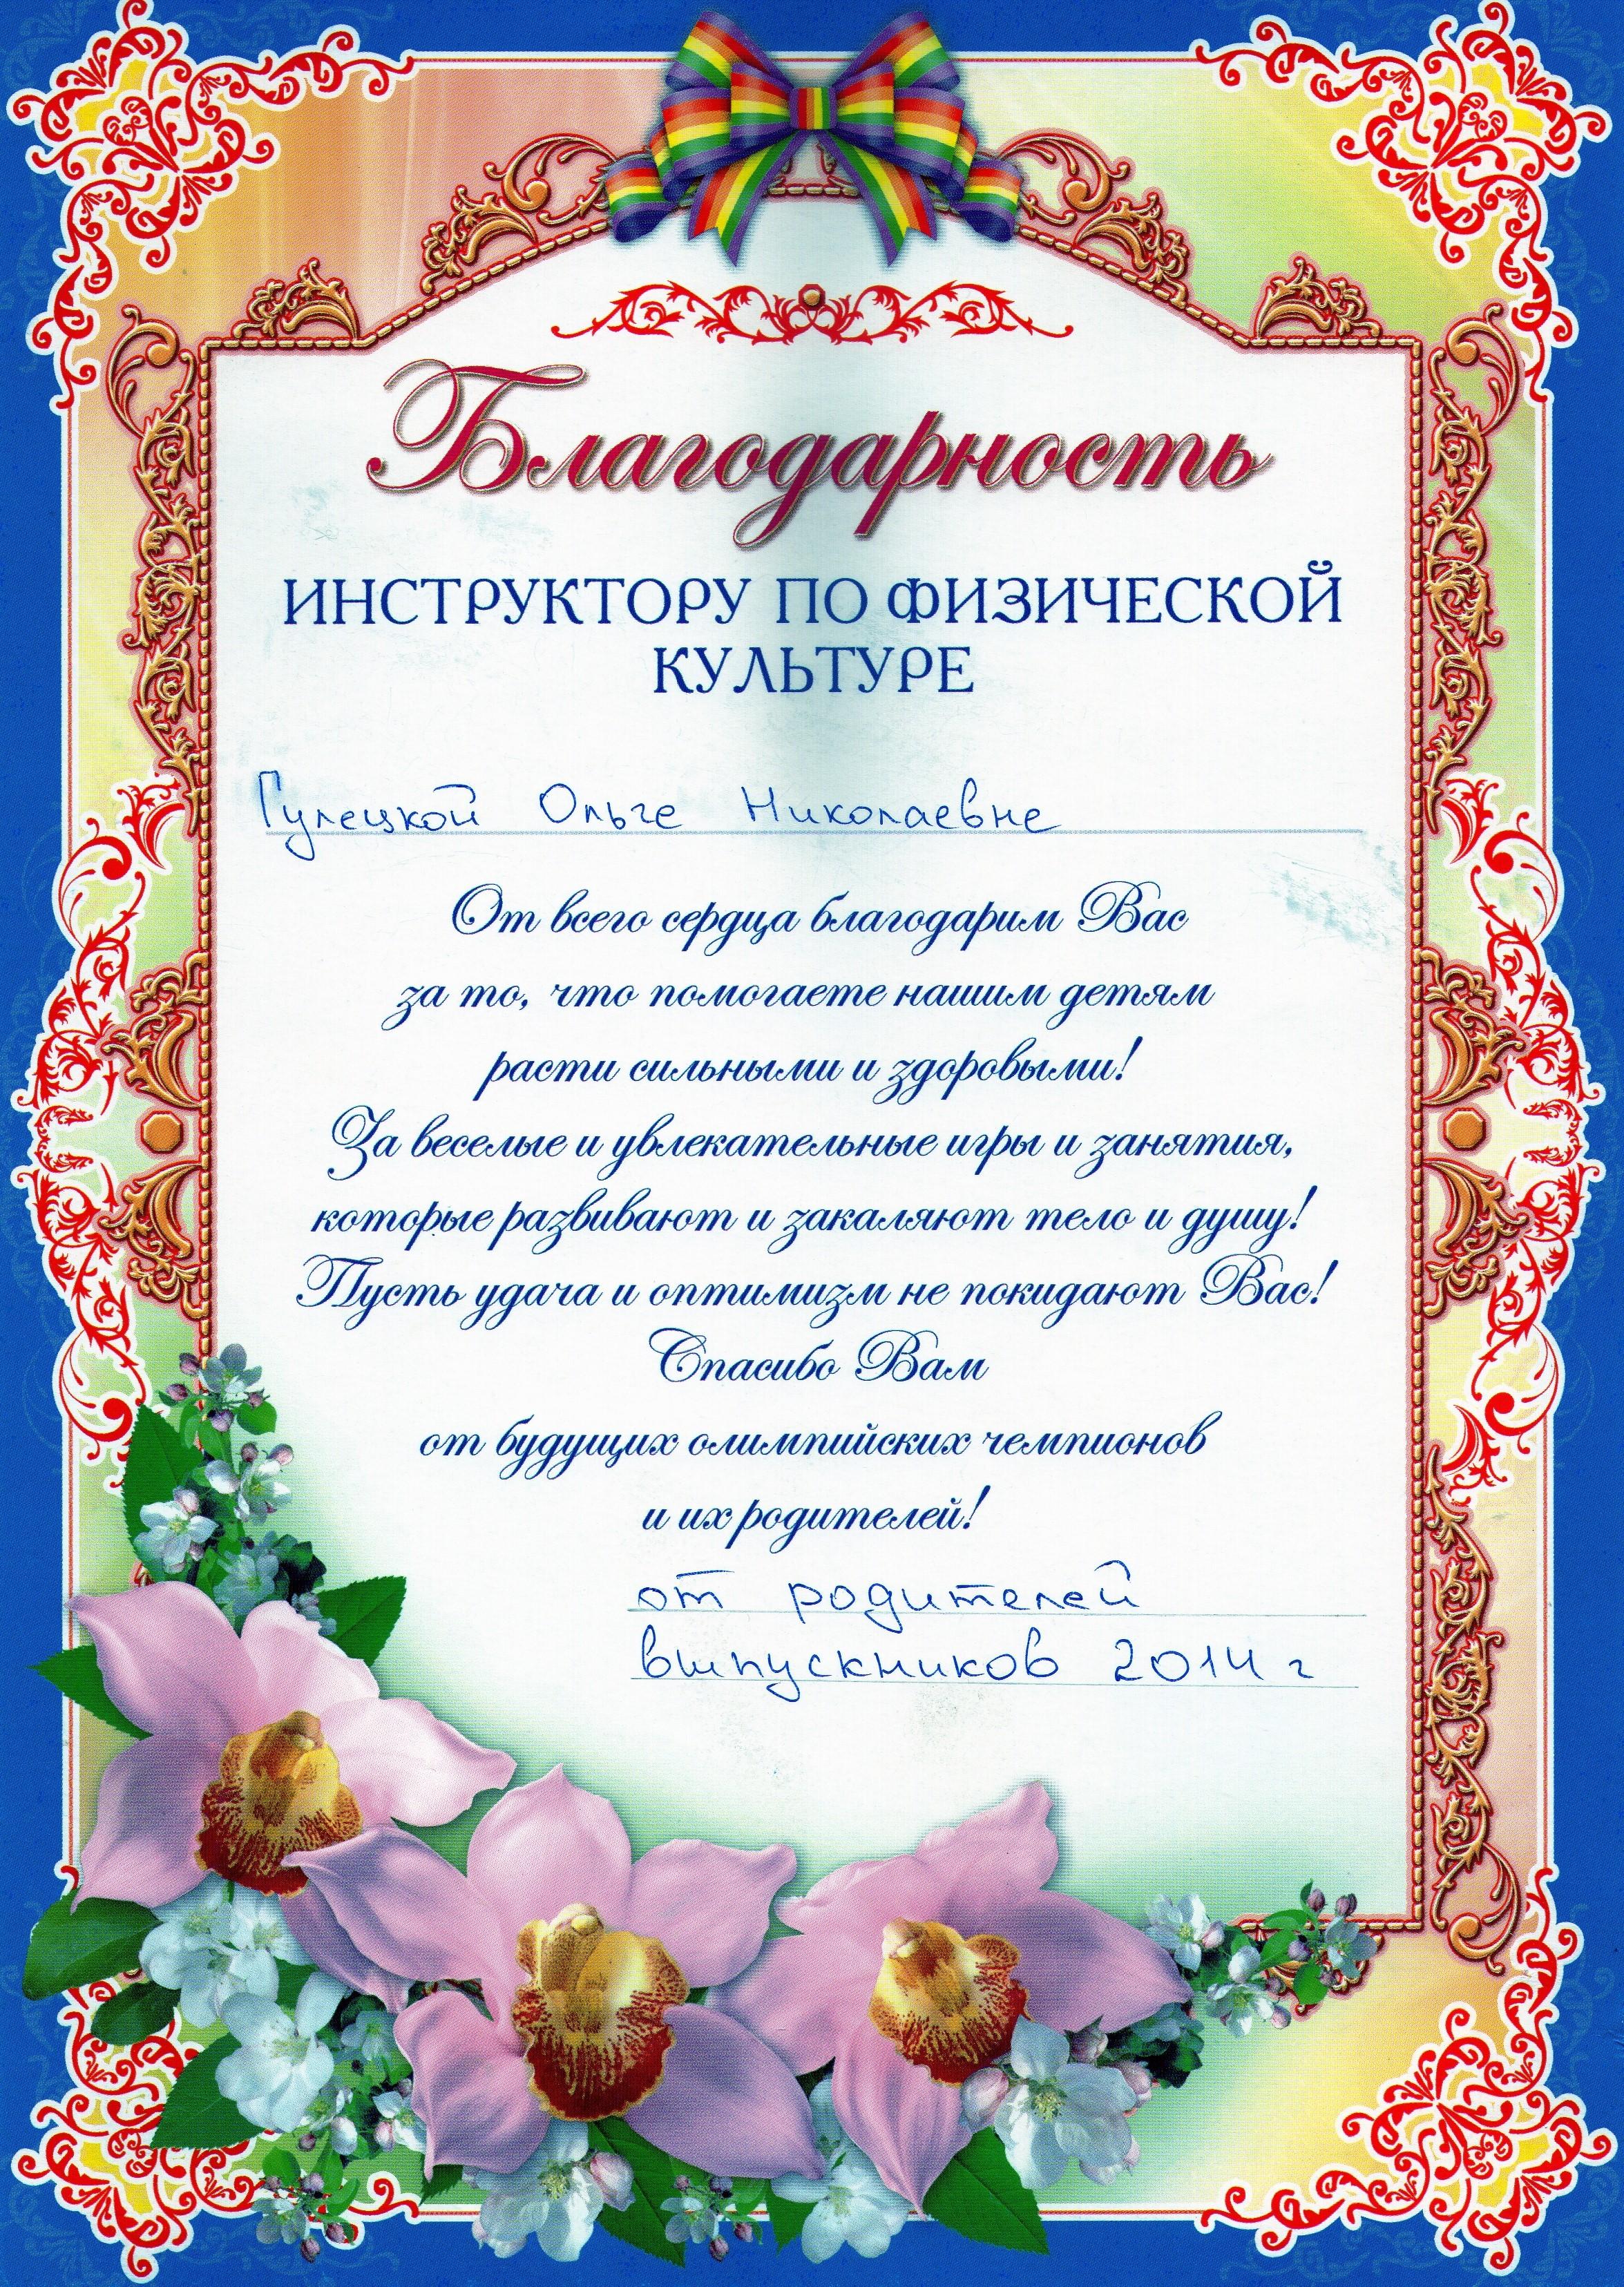 Поздравление специалистов в детском саду на выпускном